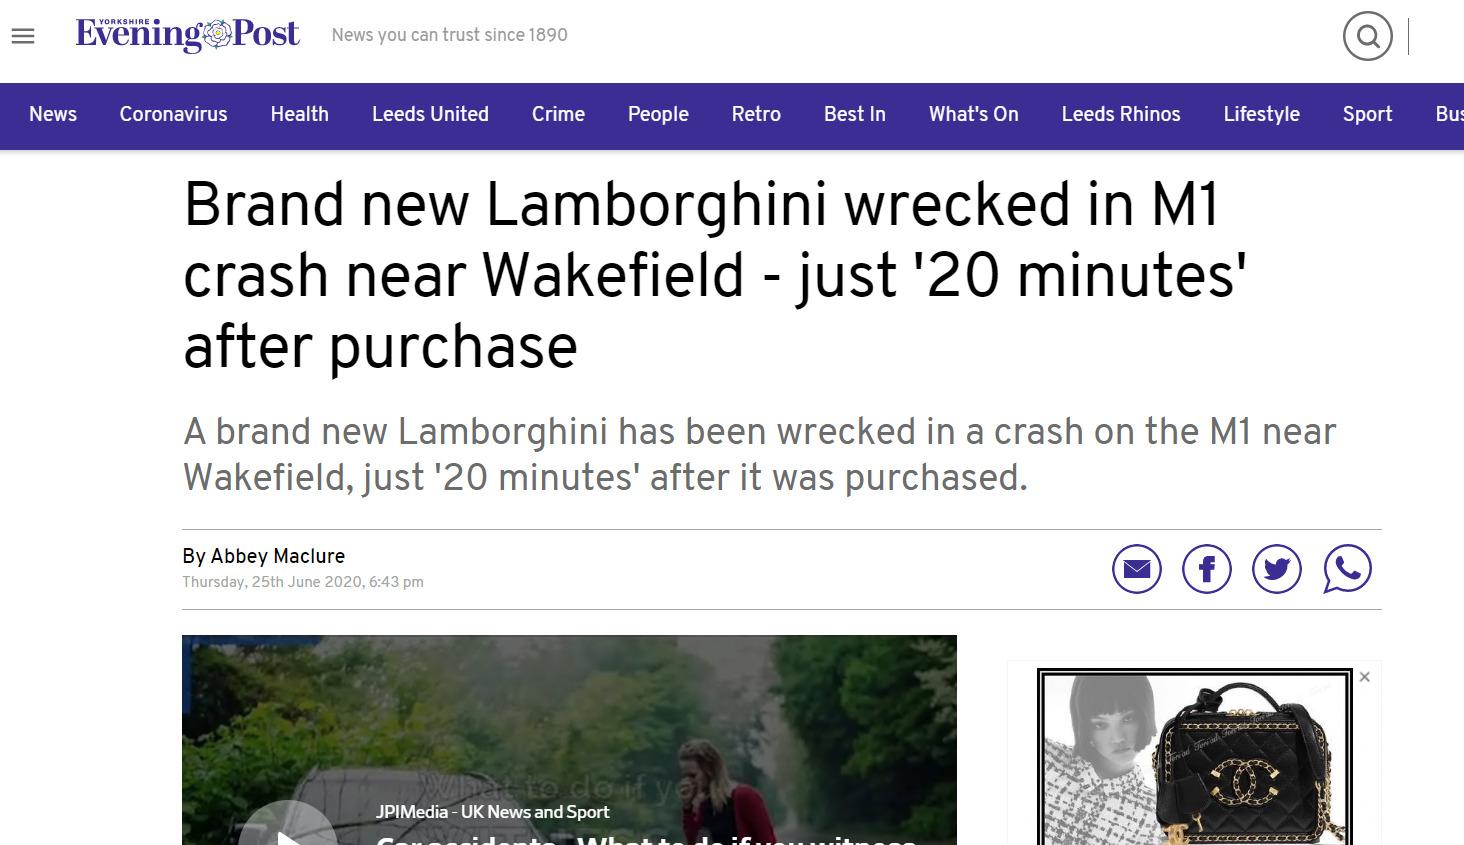 イギリス ランボルギーニ 衝突事故に関連した画像-02